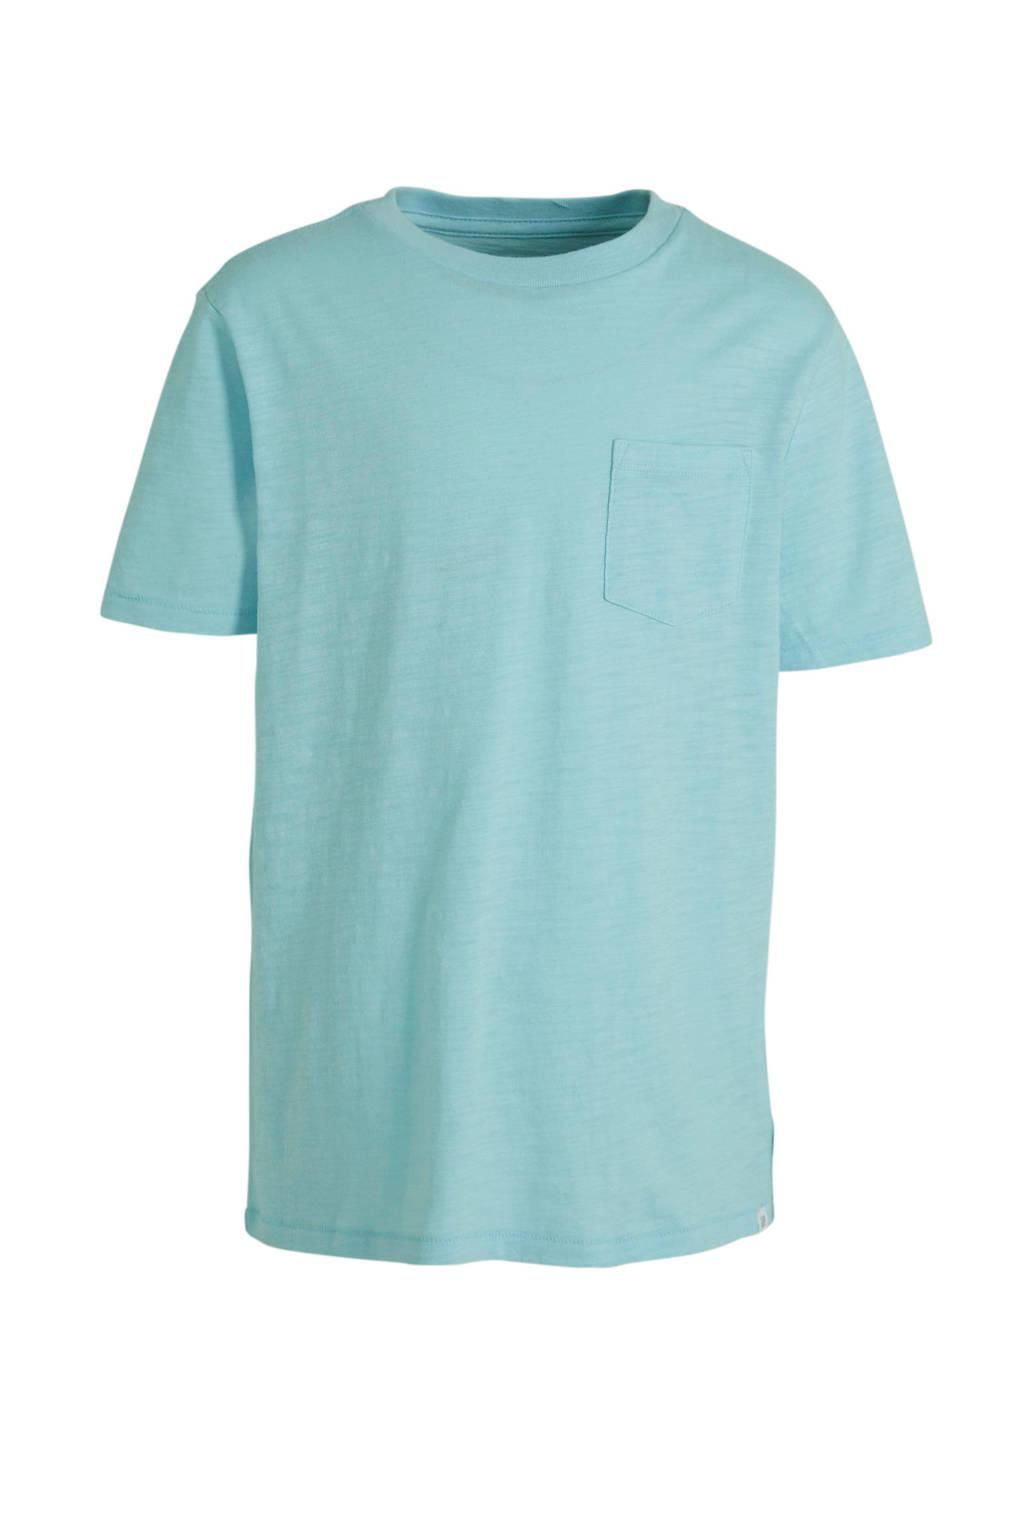 GAP T-shirt lichtblauw, Lichtblauw